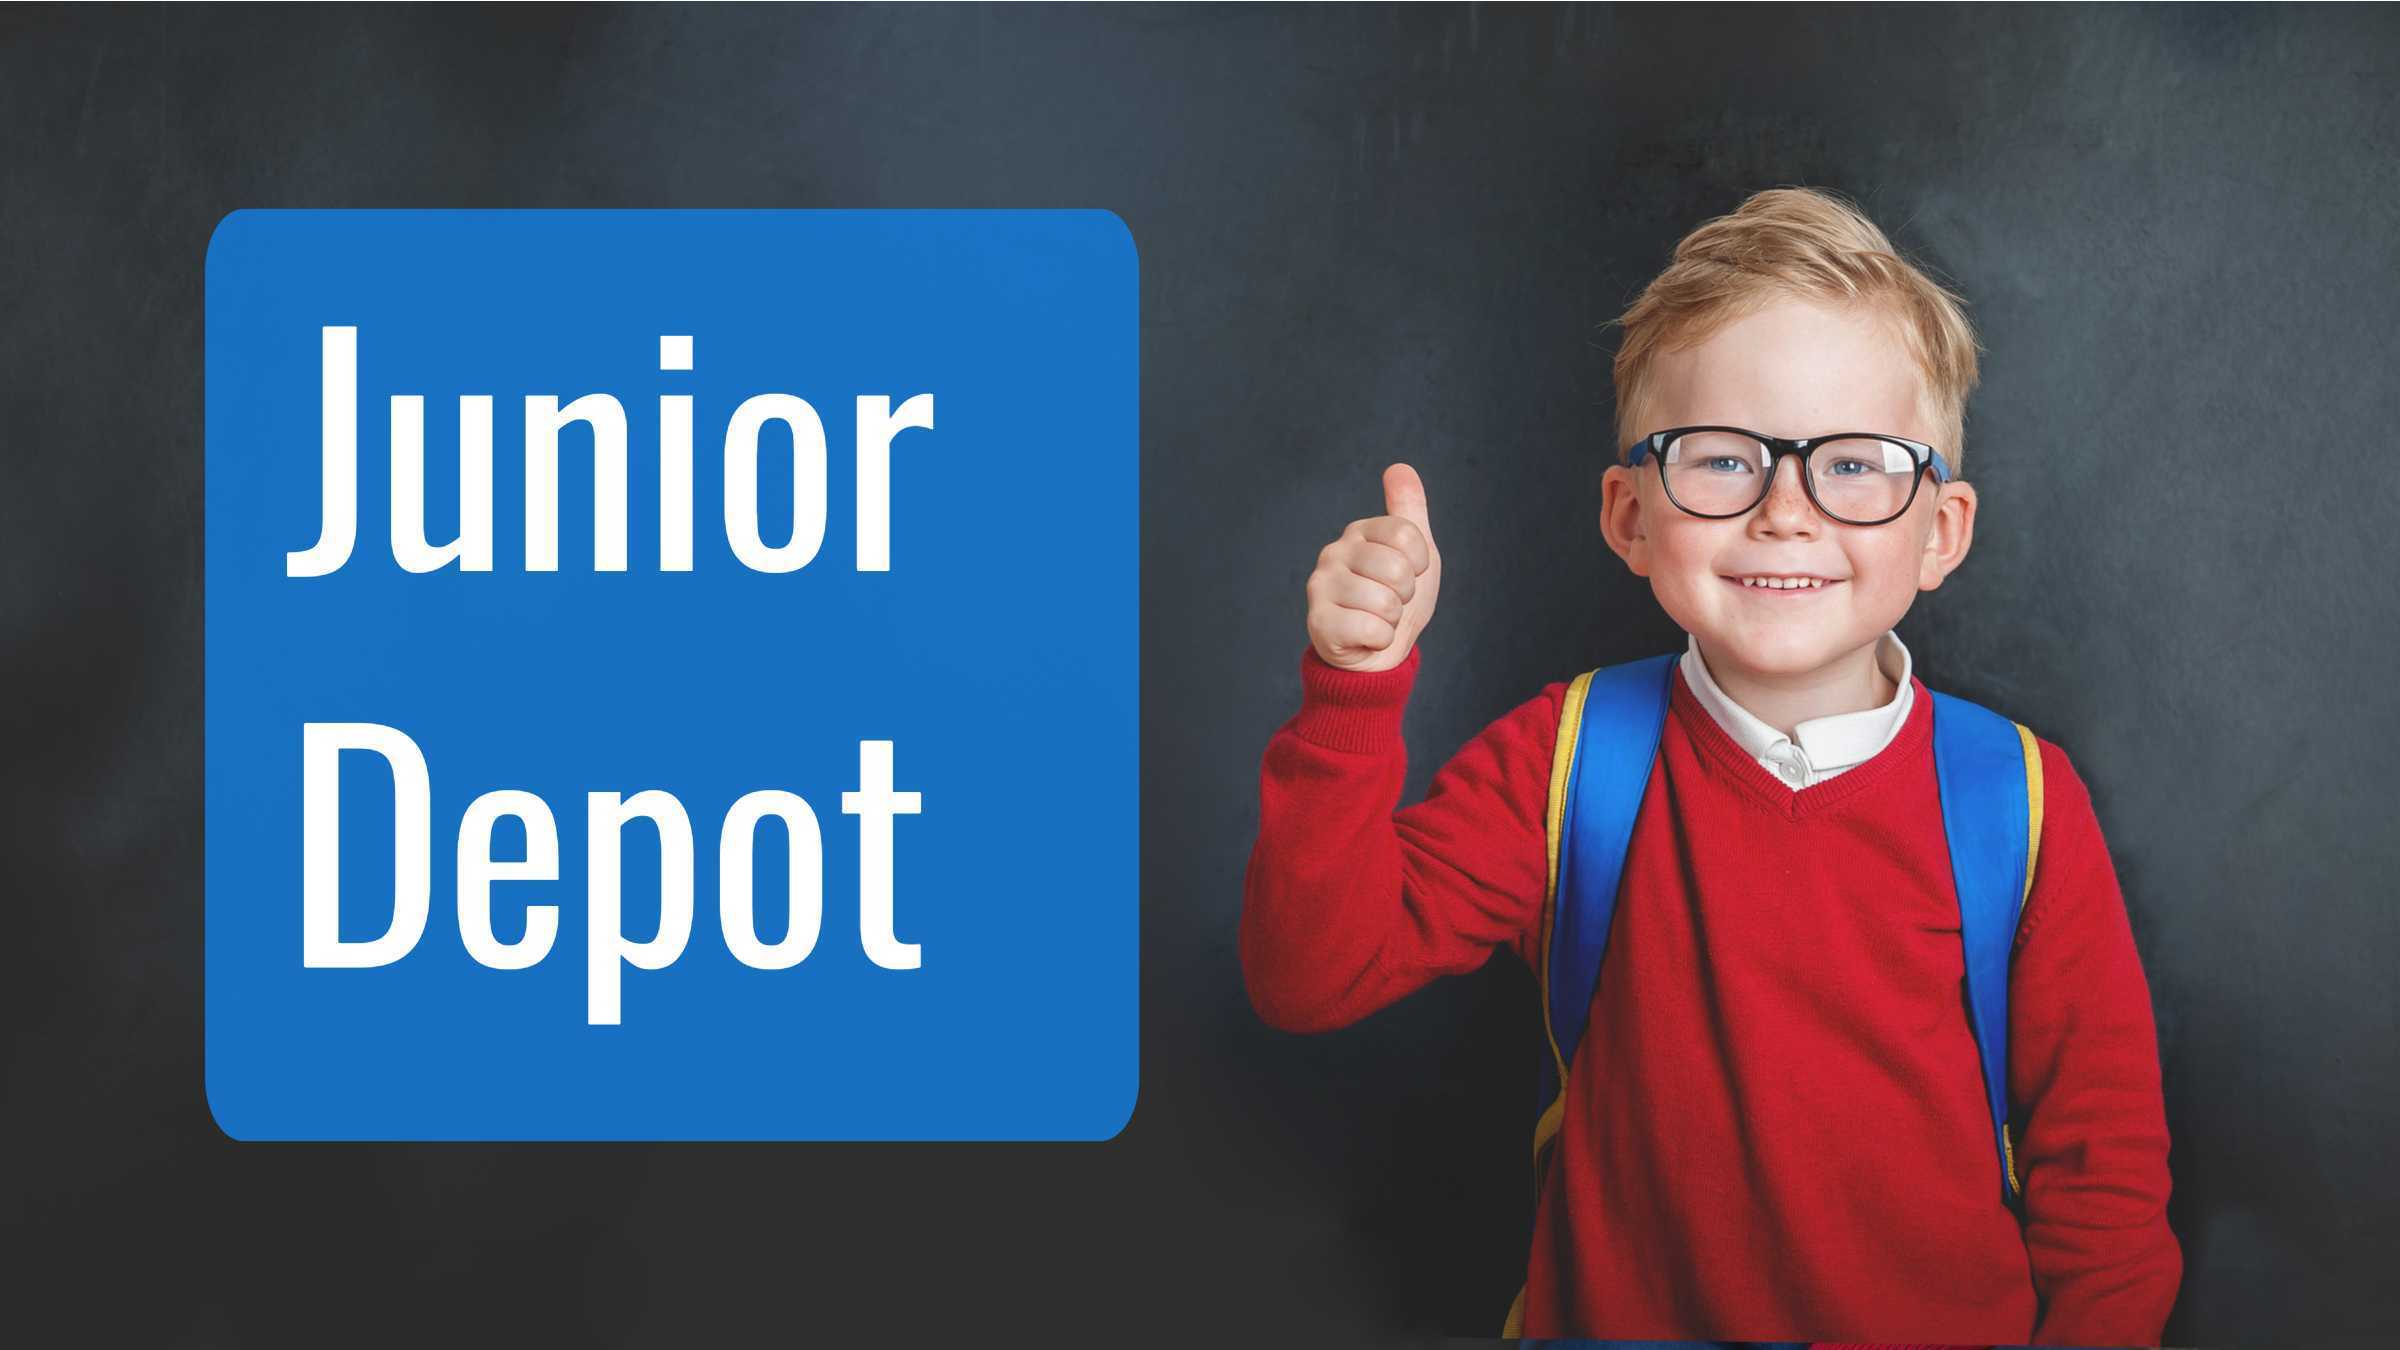 Junior Depot